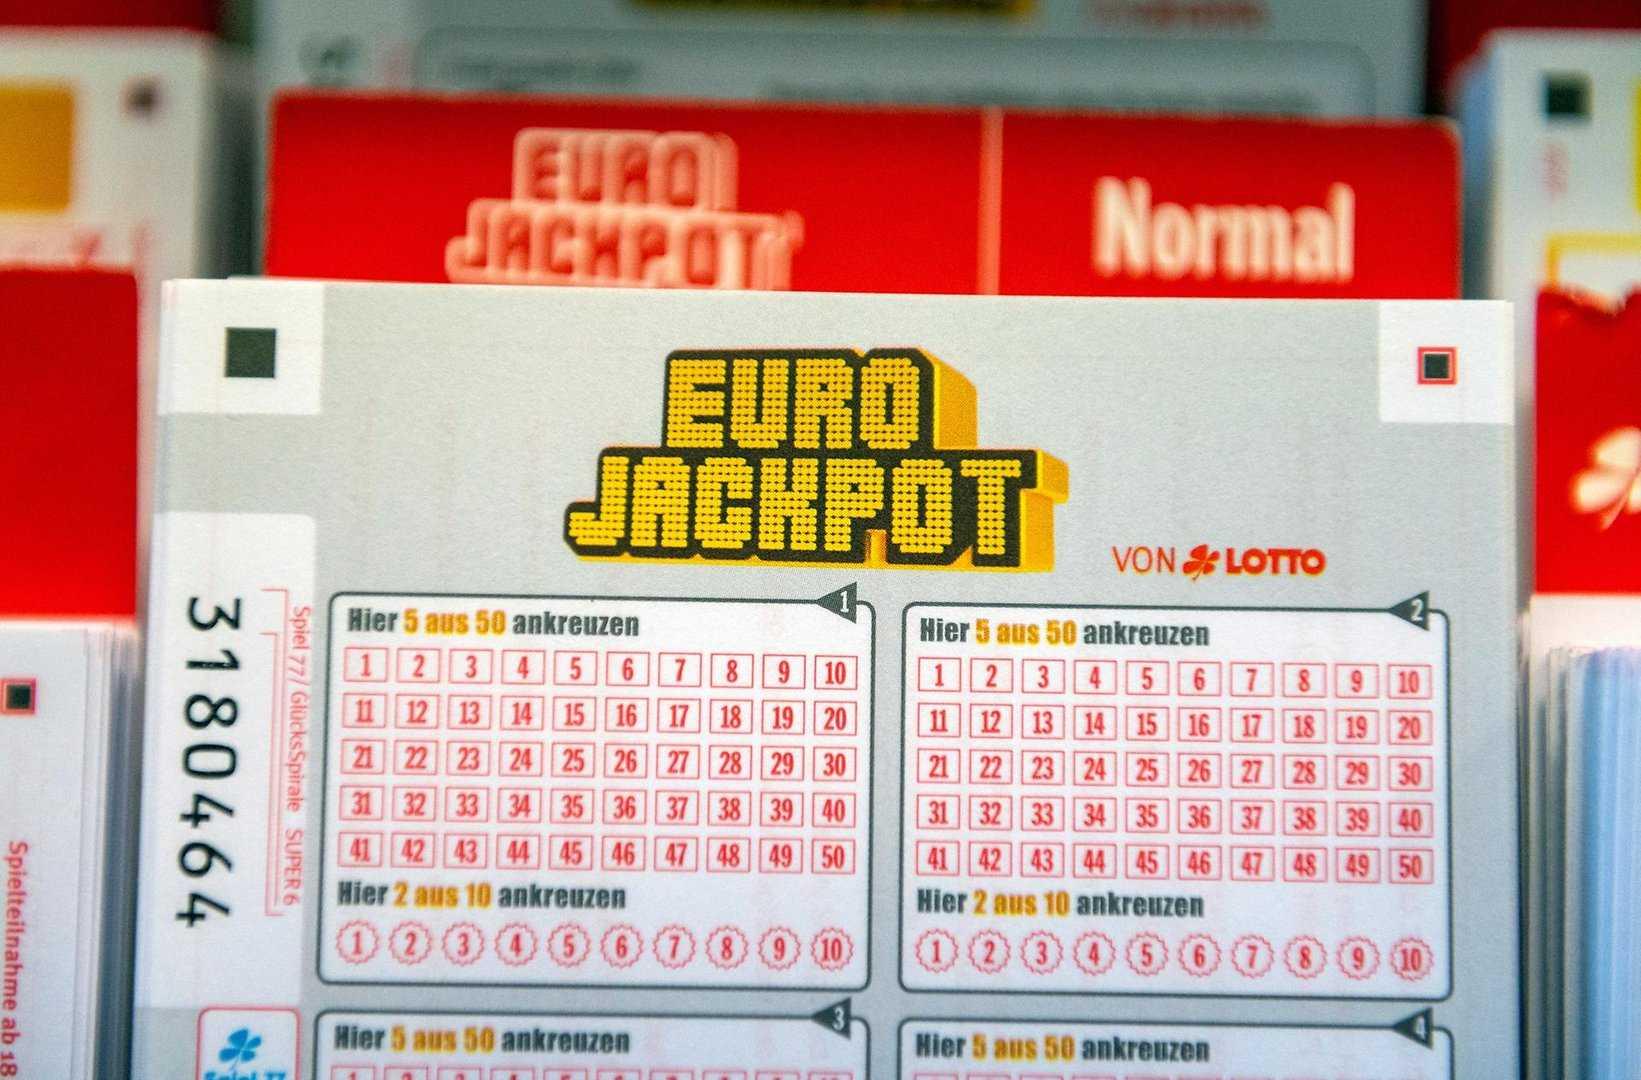 Xổ số châu Âu Eurojackpot